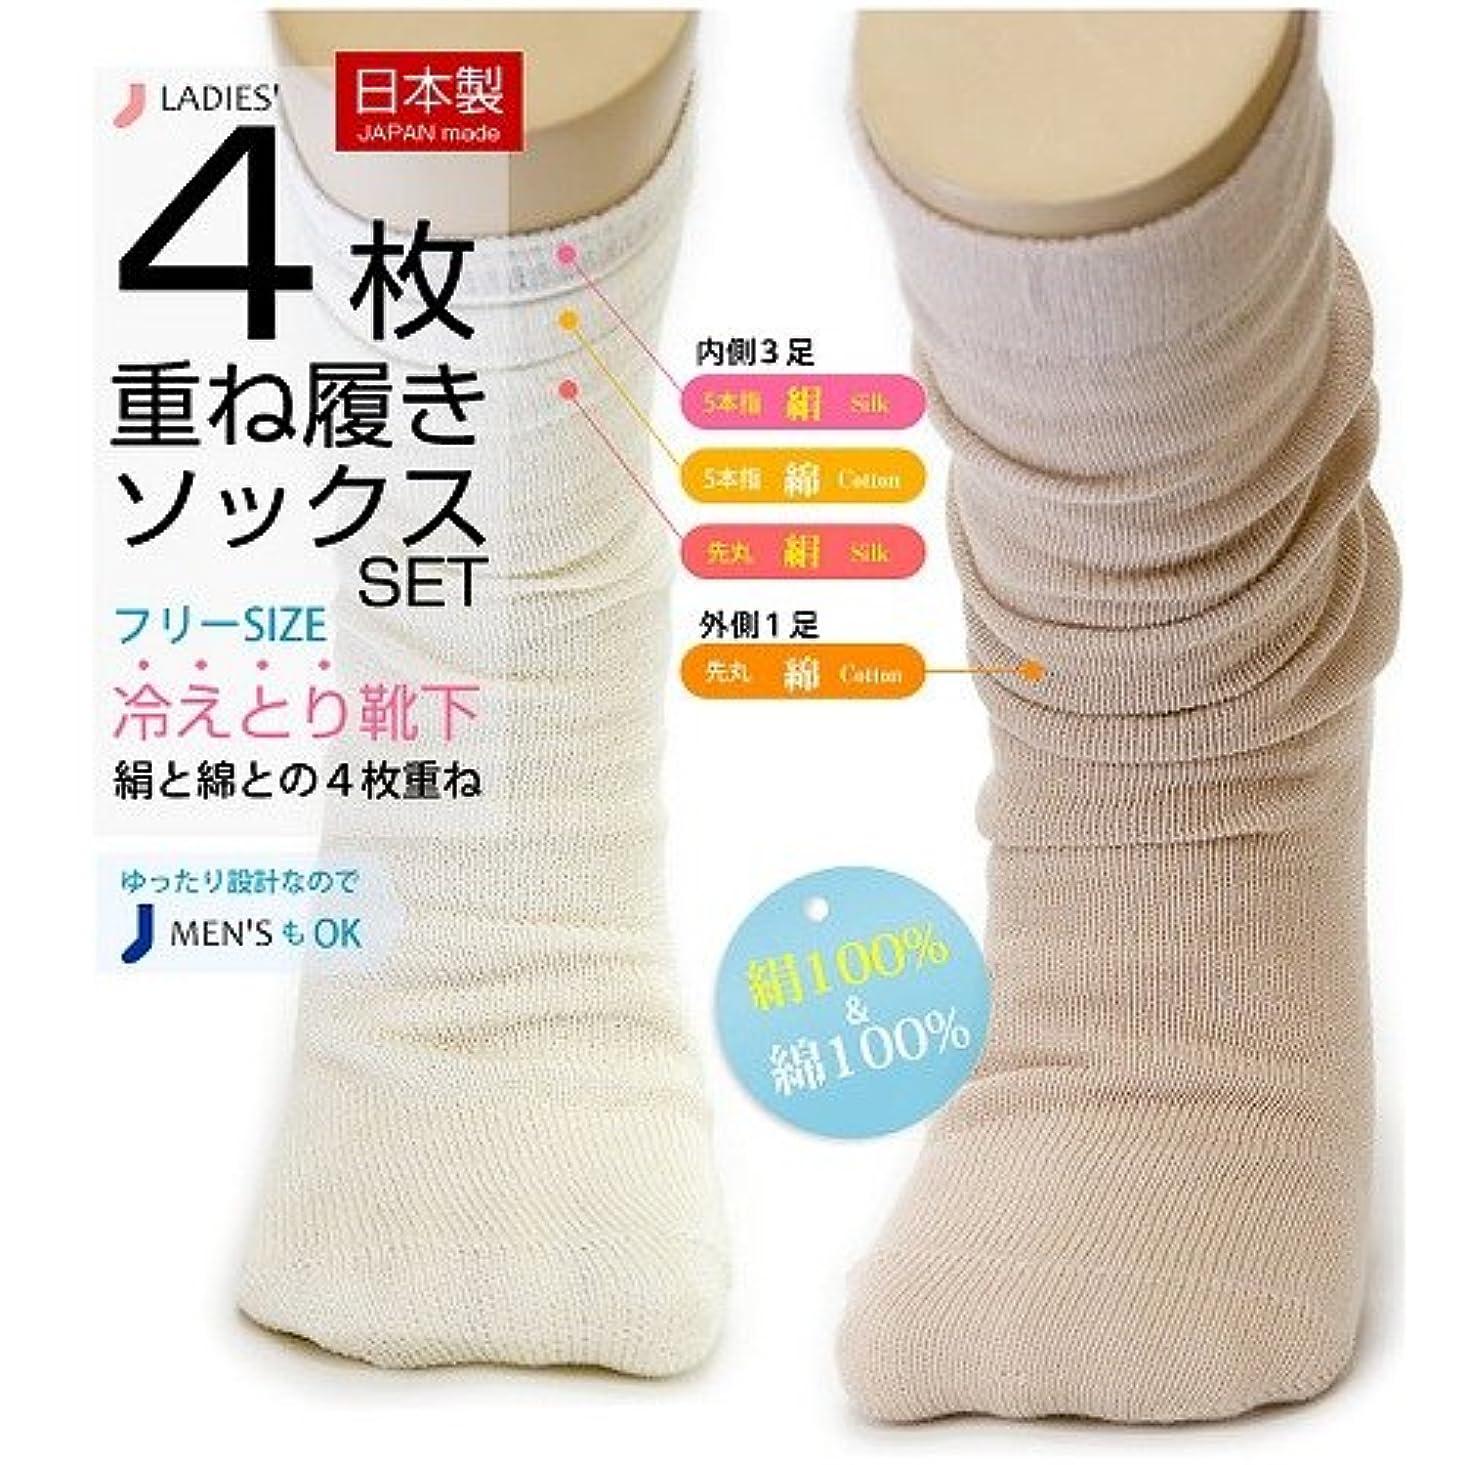 シンプルな入植者天の冷え取り靴下 綿100%とシルク100% 最高級の日本製 4枚重ねばきセット(外側ライトグレー)